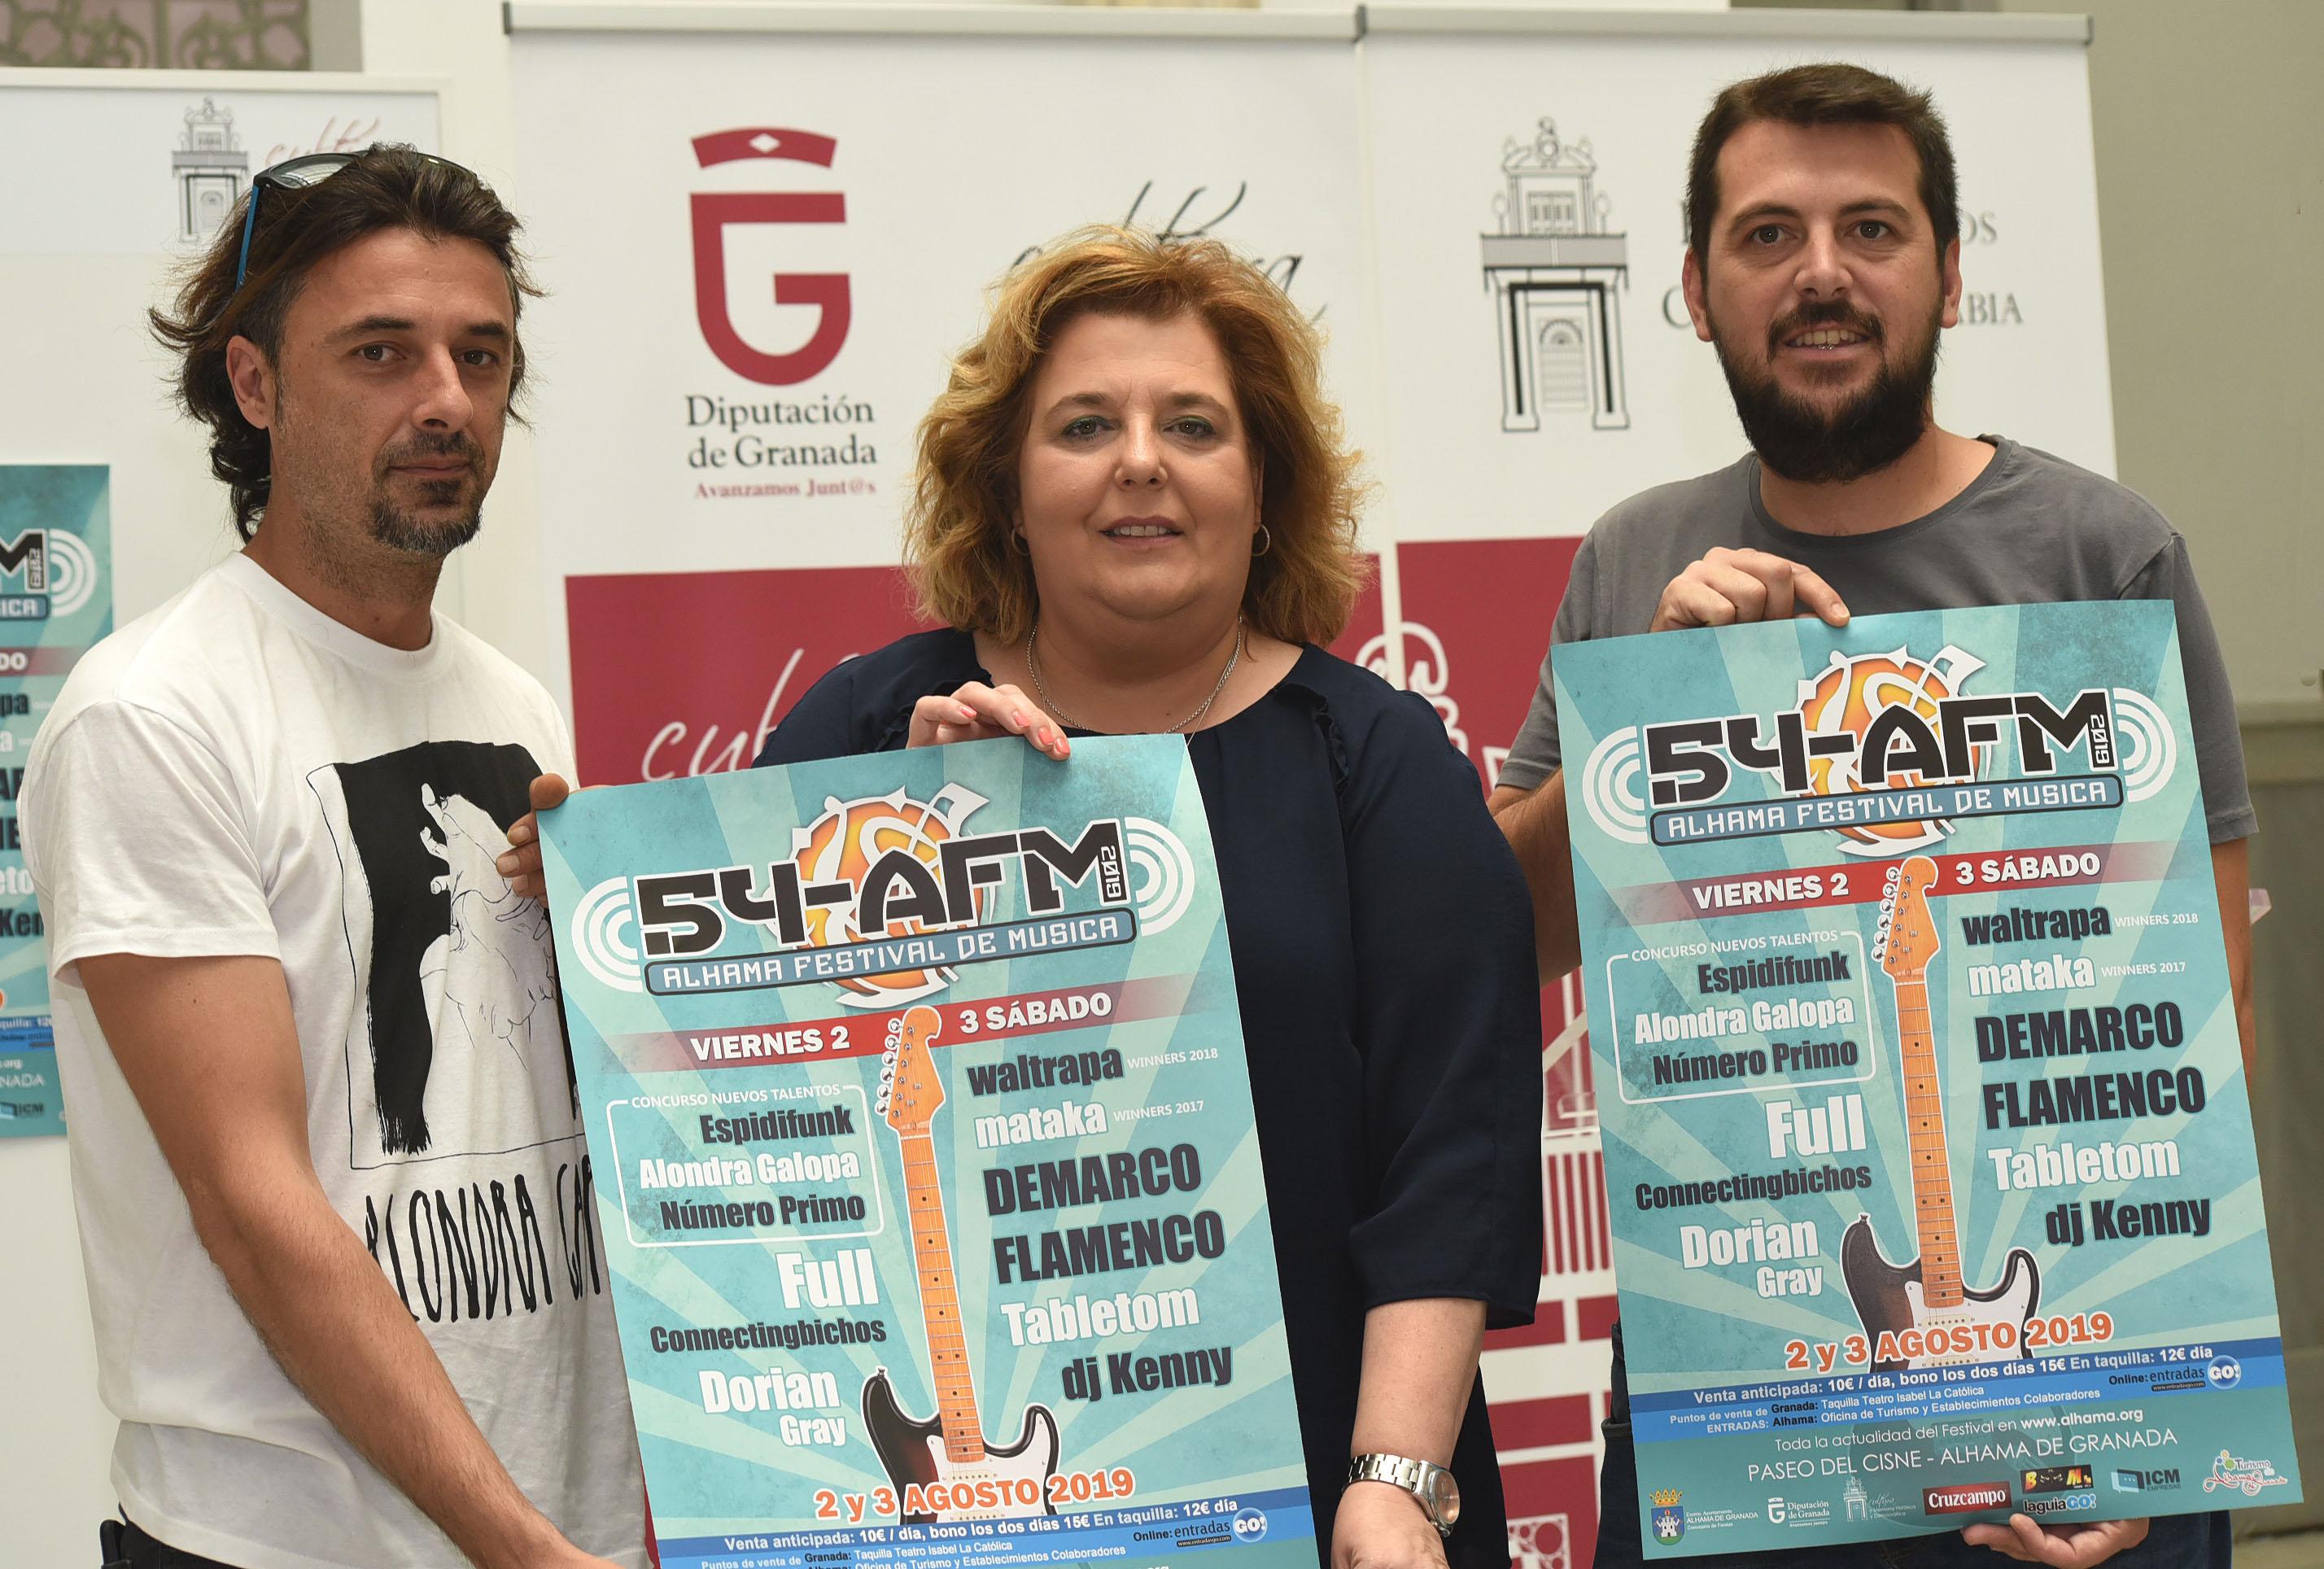 Demarco Flamenco y Full encabezan el cartel del 'Alhama Festival de Música'